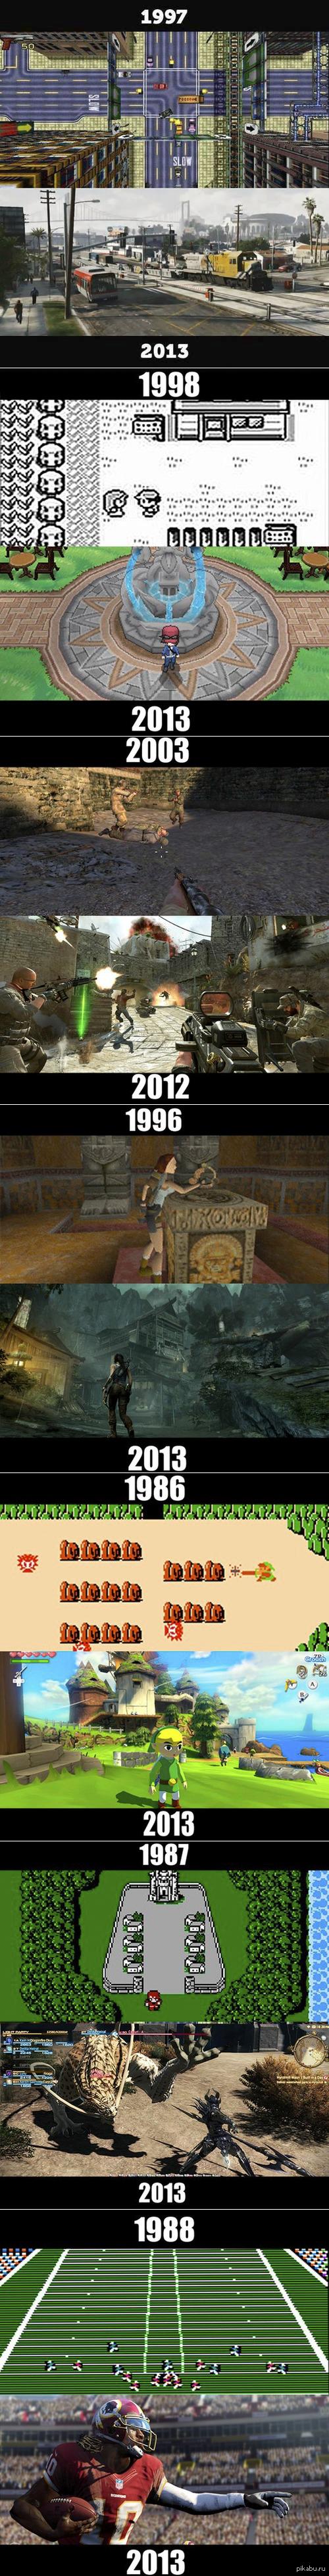 Игры тогда и сейчас